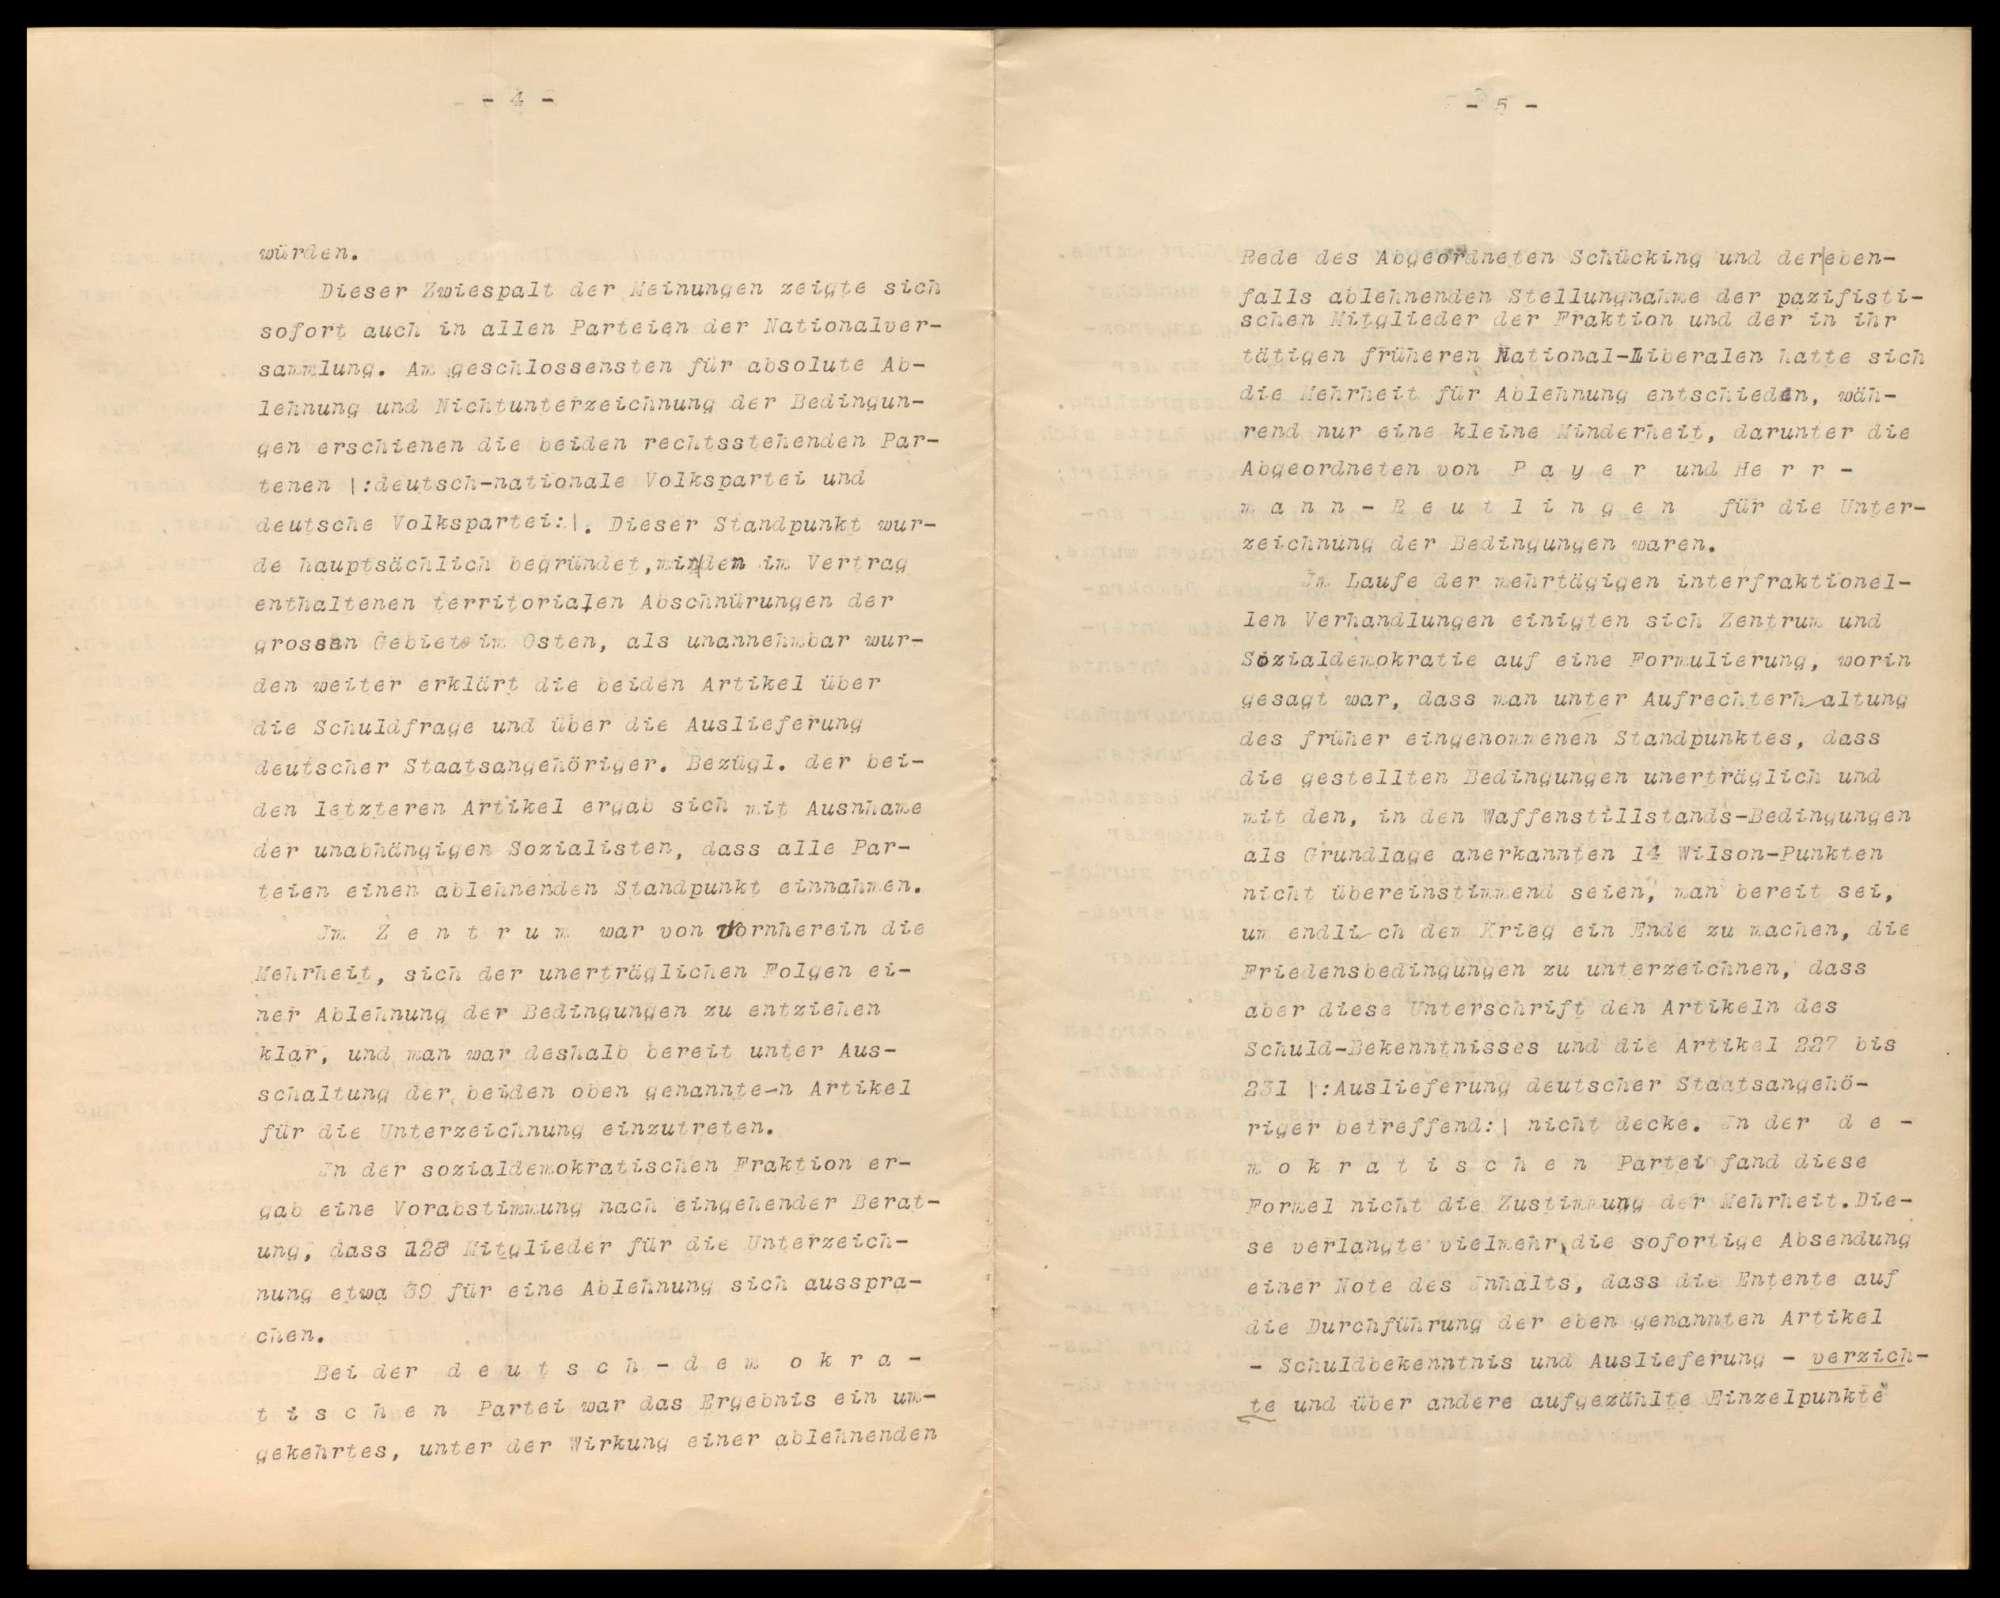 Friedensvertragsverhandlungen in Versailles, Friedensbedingungen, besetztes deutsches Gebiet, Verhandlungen wegen Verkaufs und Einfuhr von Rohstoffen nach Deutschland, Bild 3